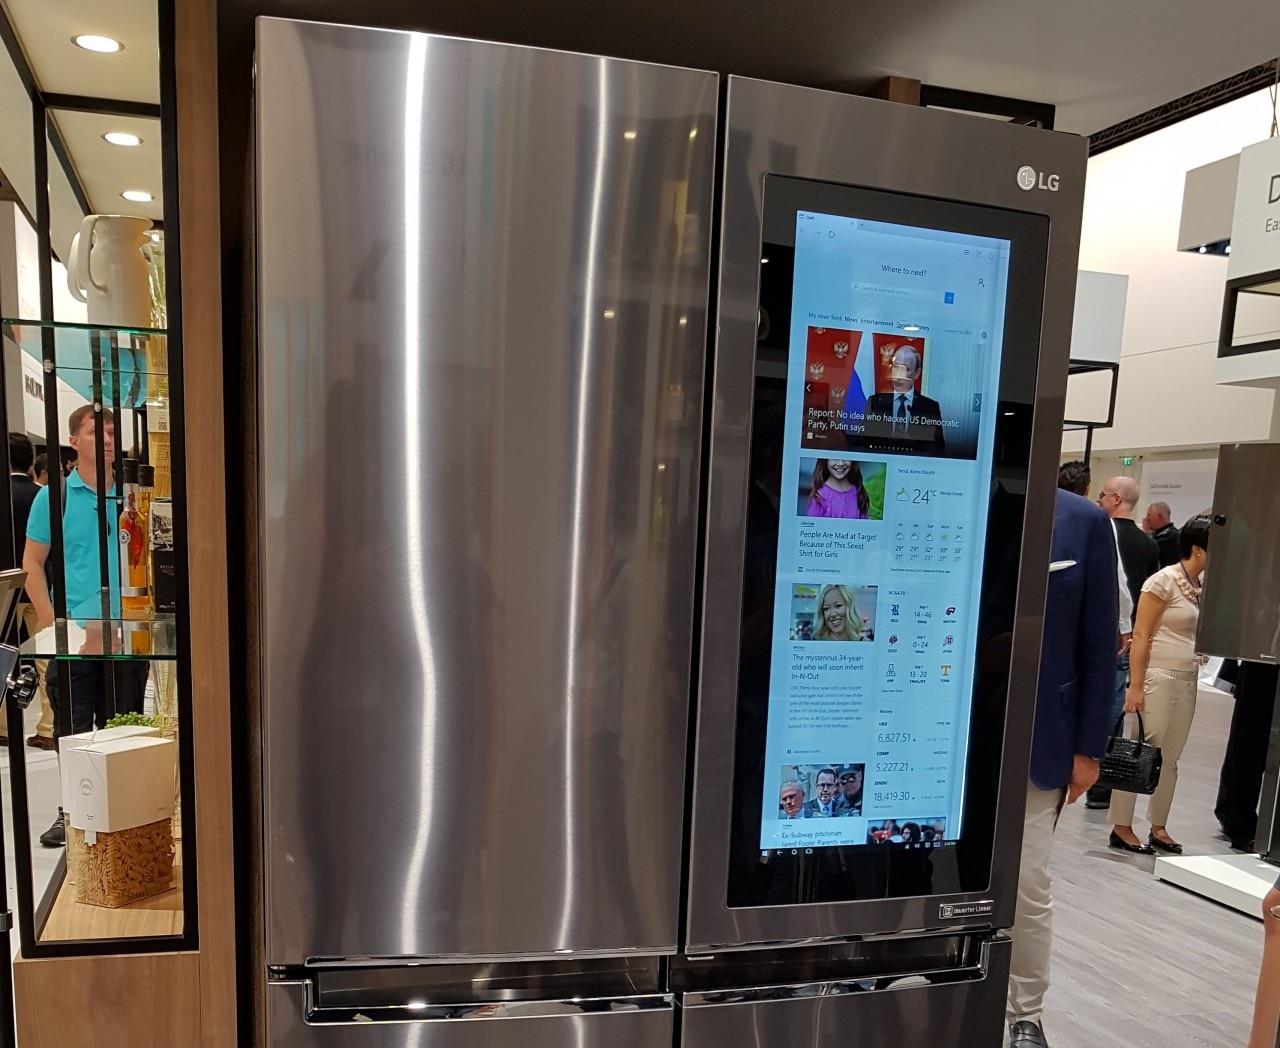 Il nuovo frigo smart di LG con Windows 10 | SmartWorld